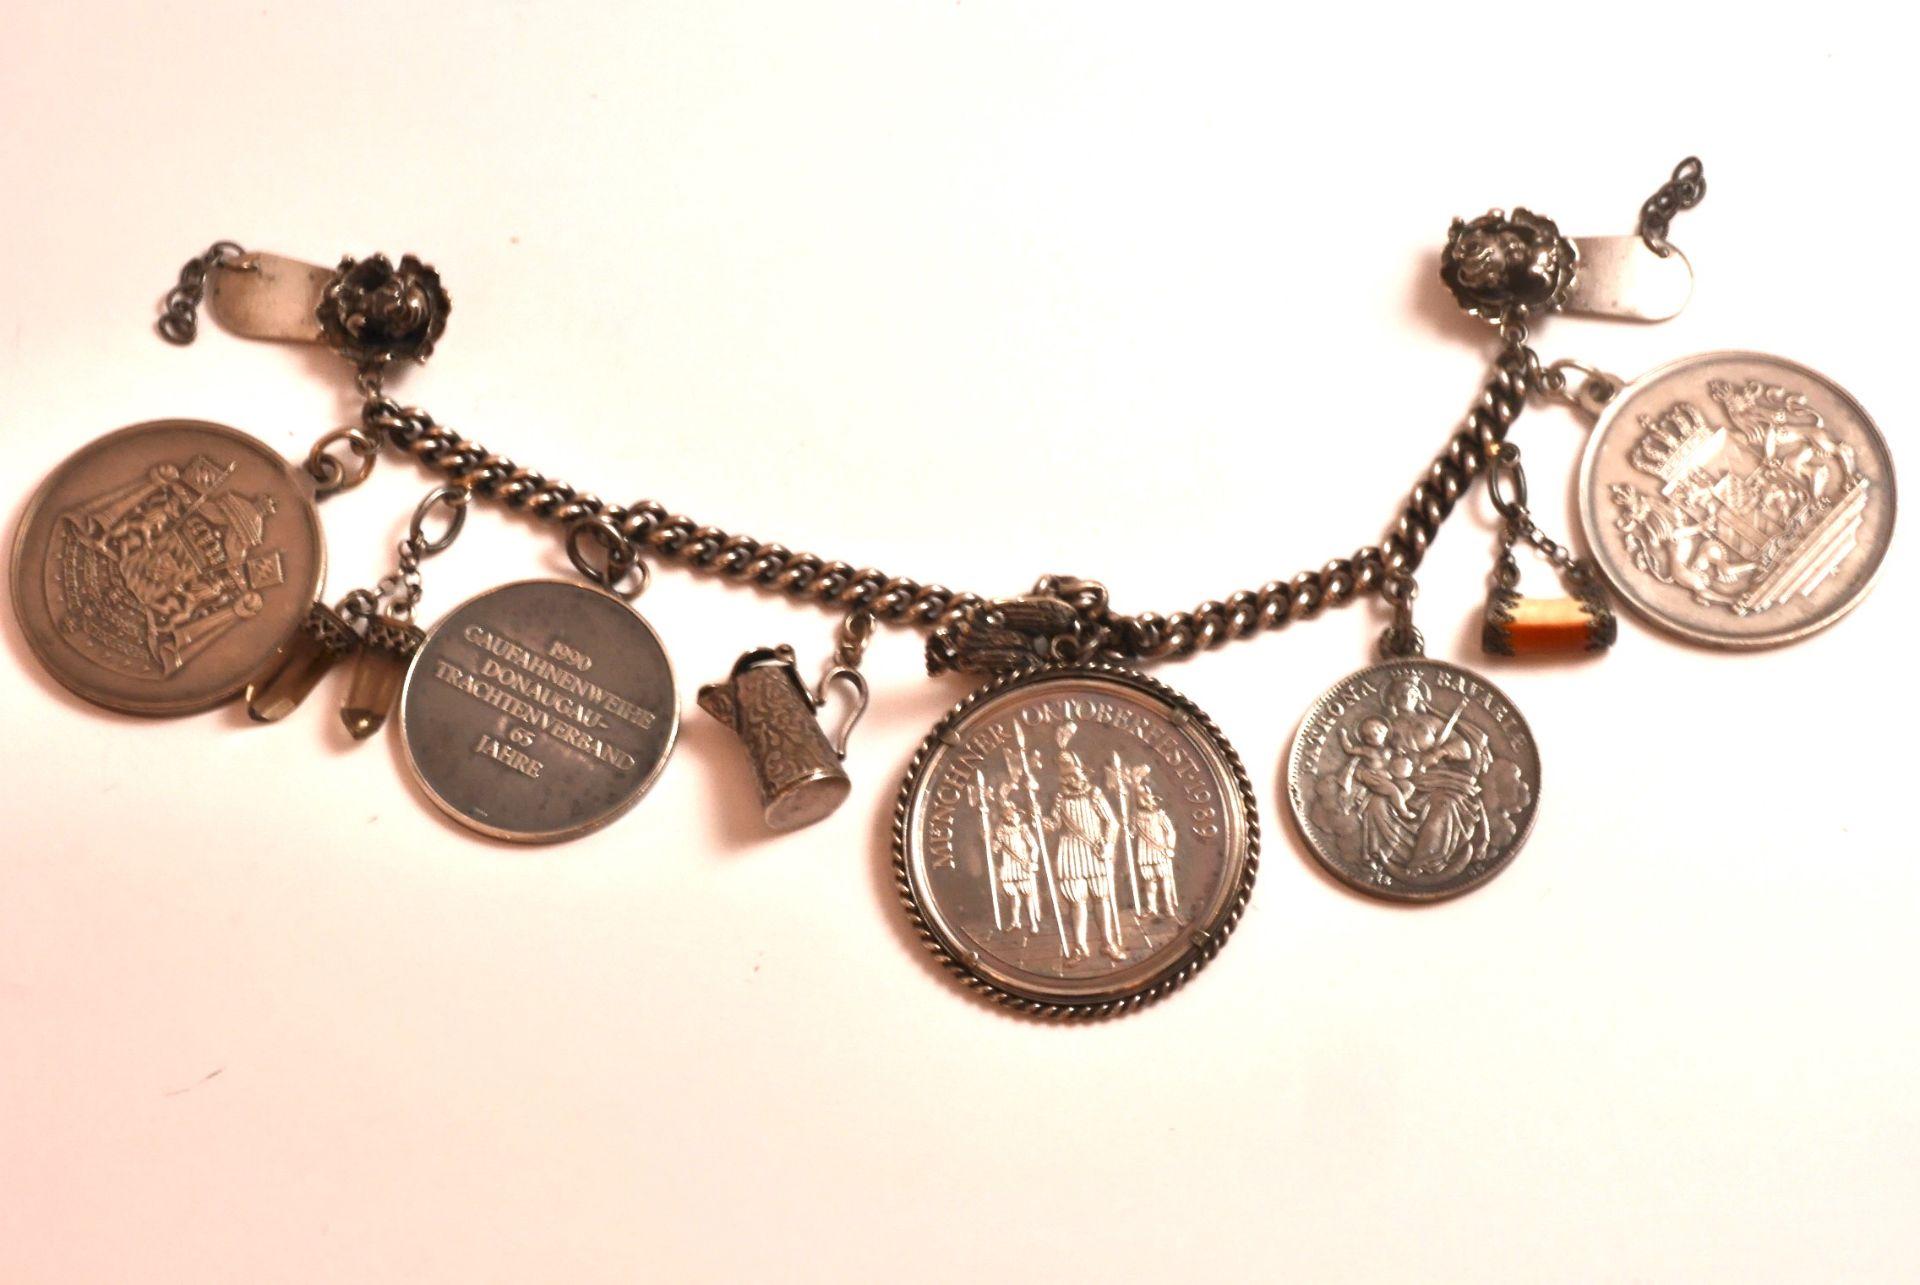 Tracht: Scharivari Silber 925 mit 5 Münzen und 5 Trachtanhänger, 160 Gramm